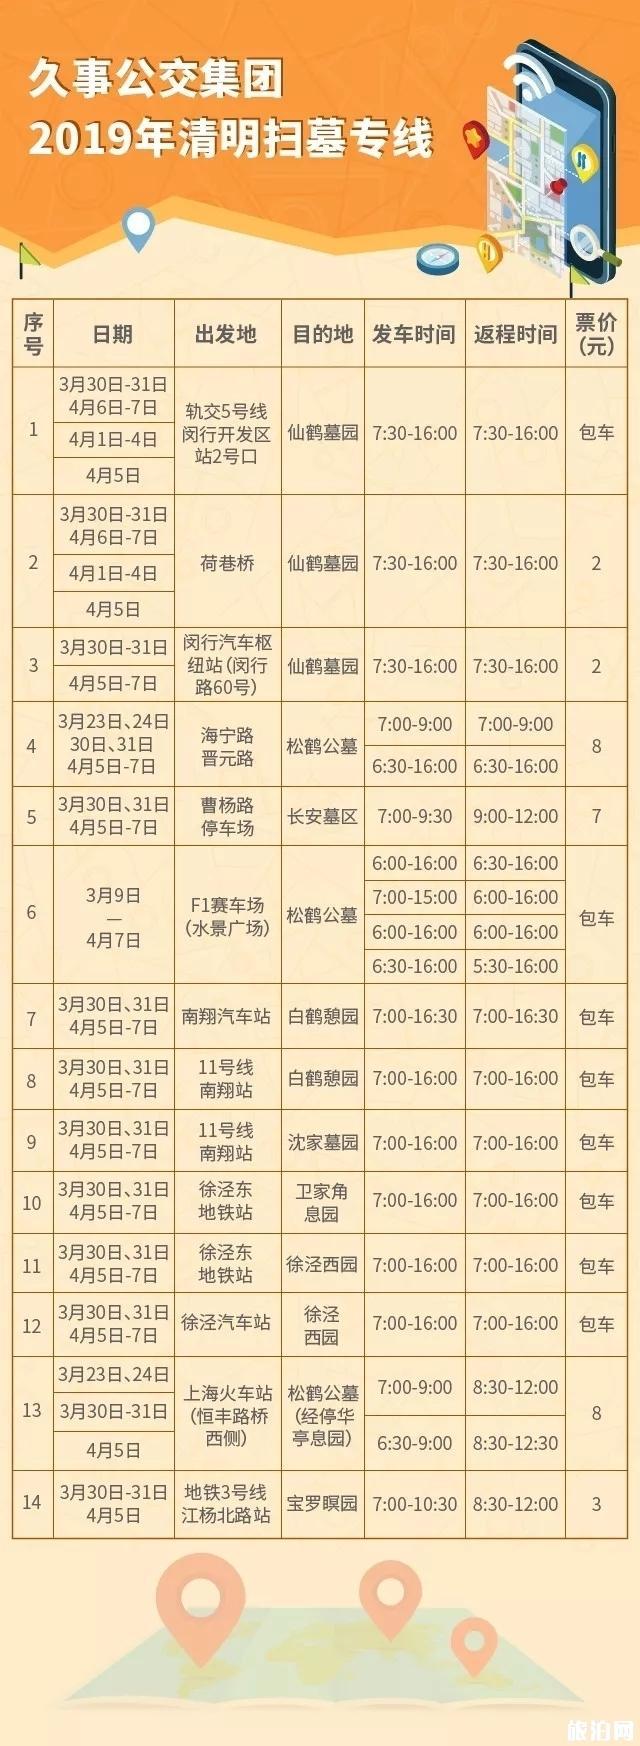 上海清明扫墓专线2019运营时间+上车地点